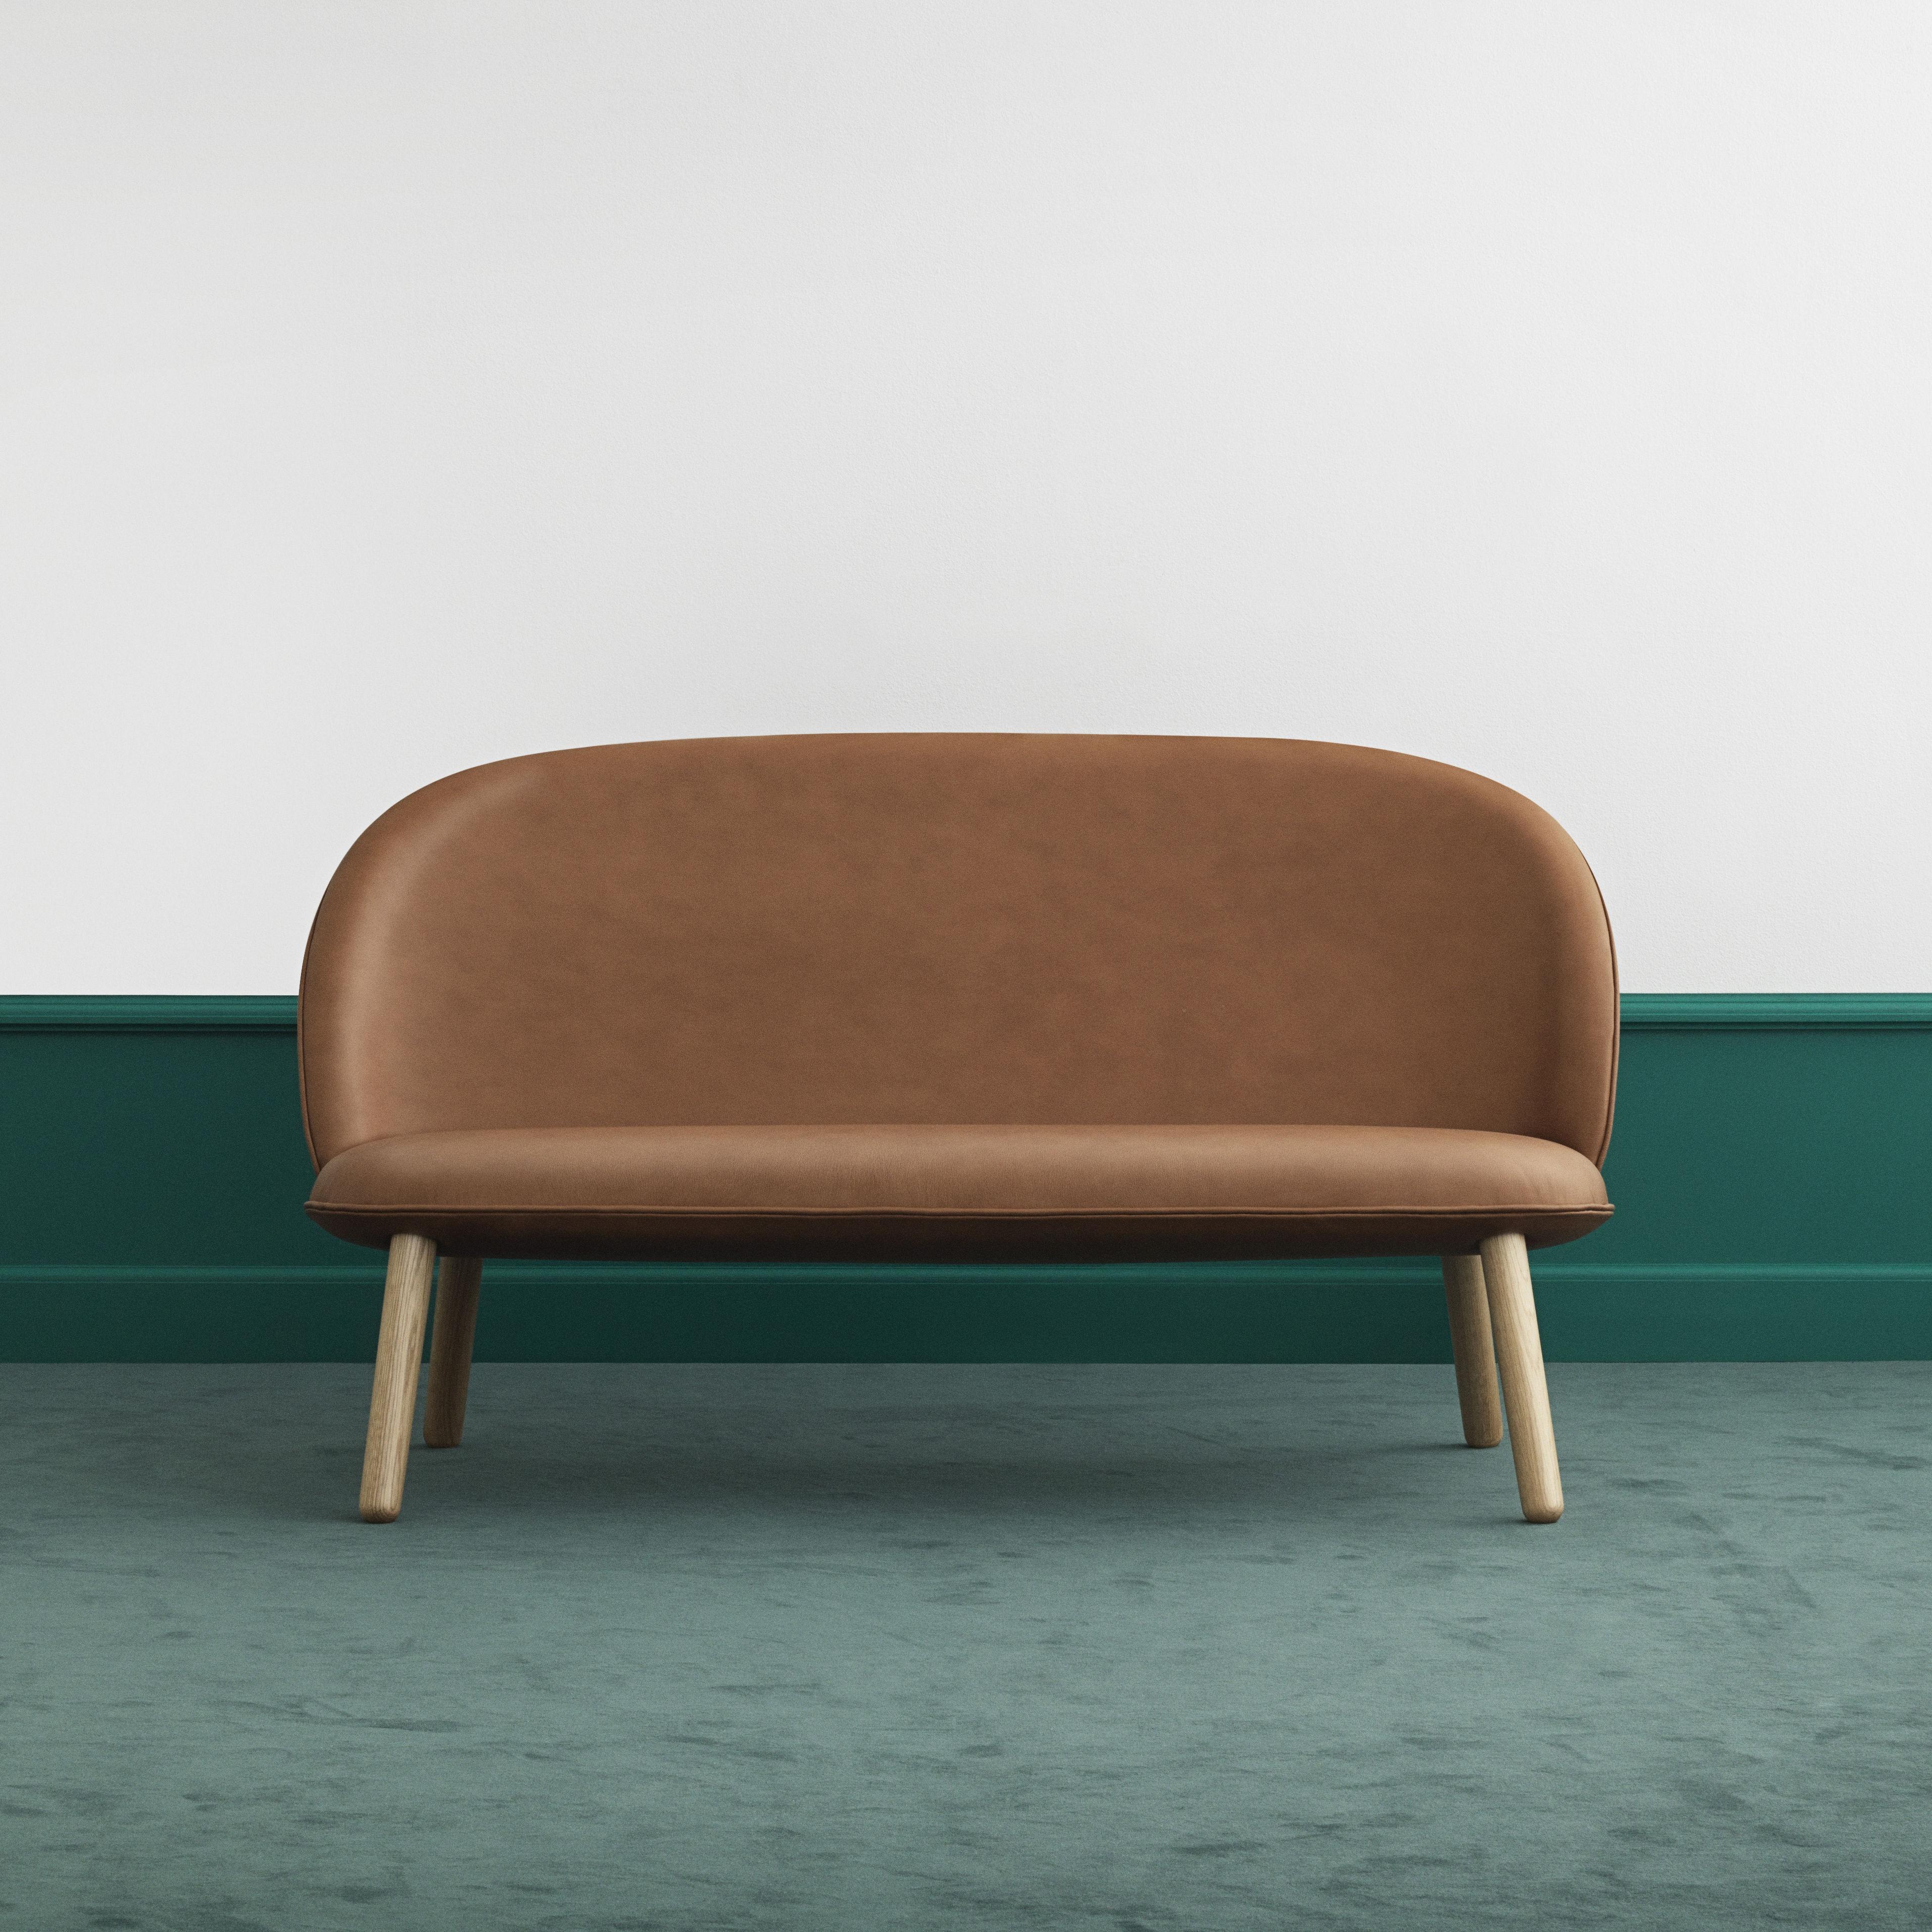 canap droit ace 2 places l 145 cm cuir bois cuir marron brandy normann copenhagen. Black Bedroom Furniture Sets. Home Design Ideas